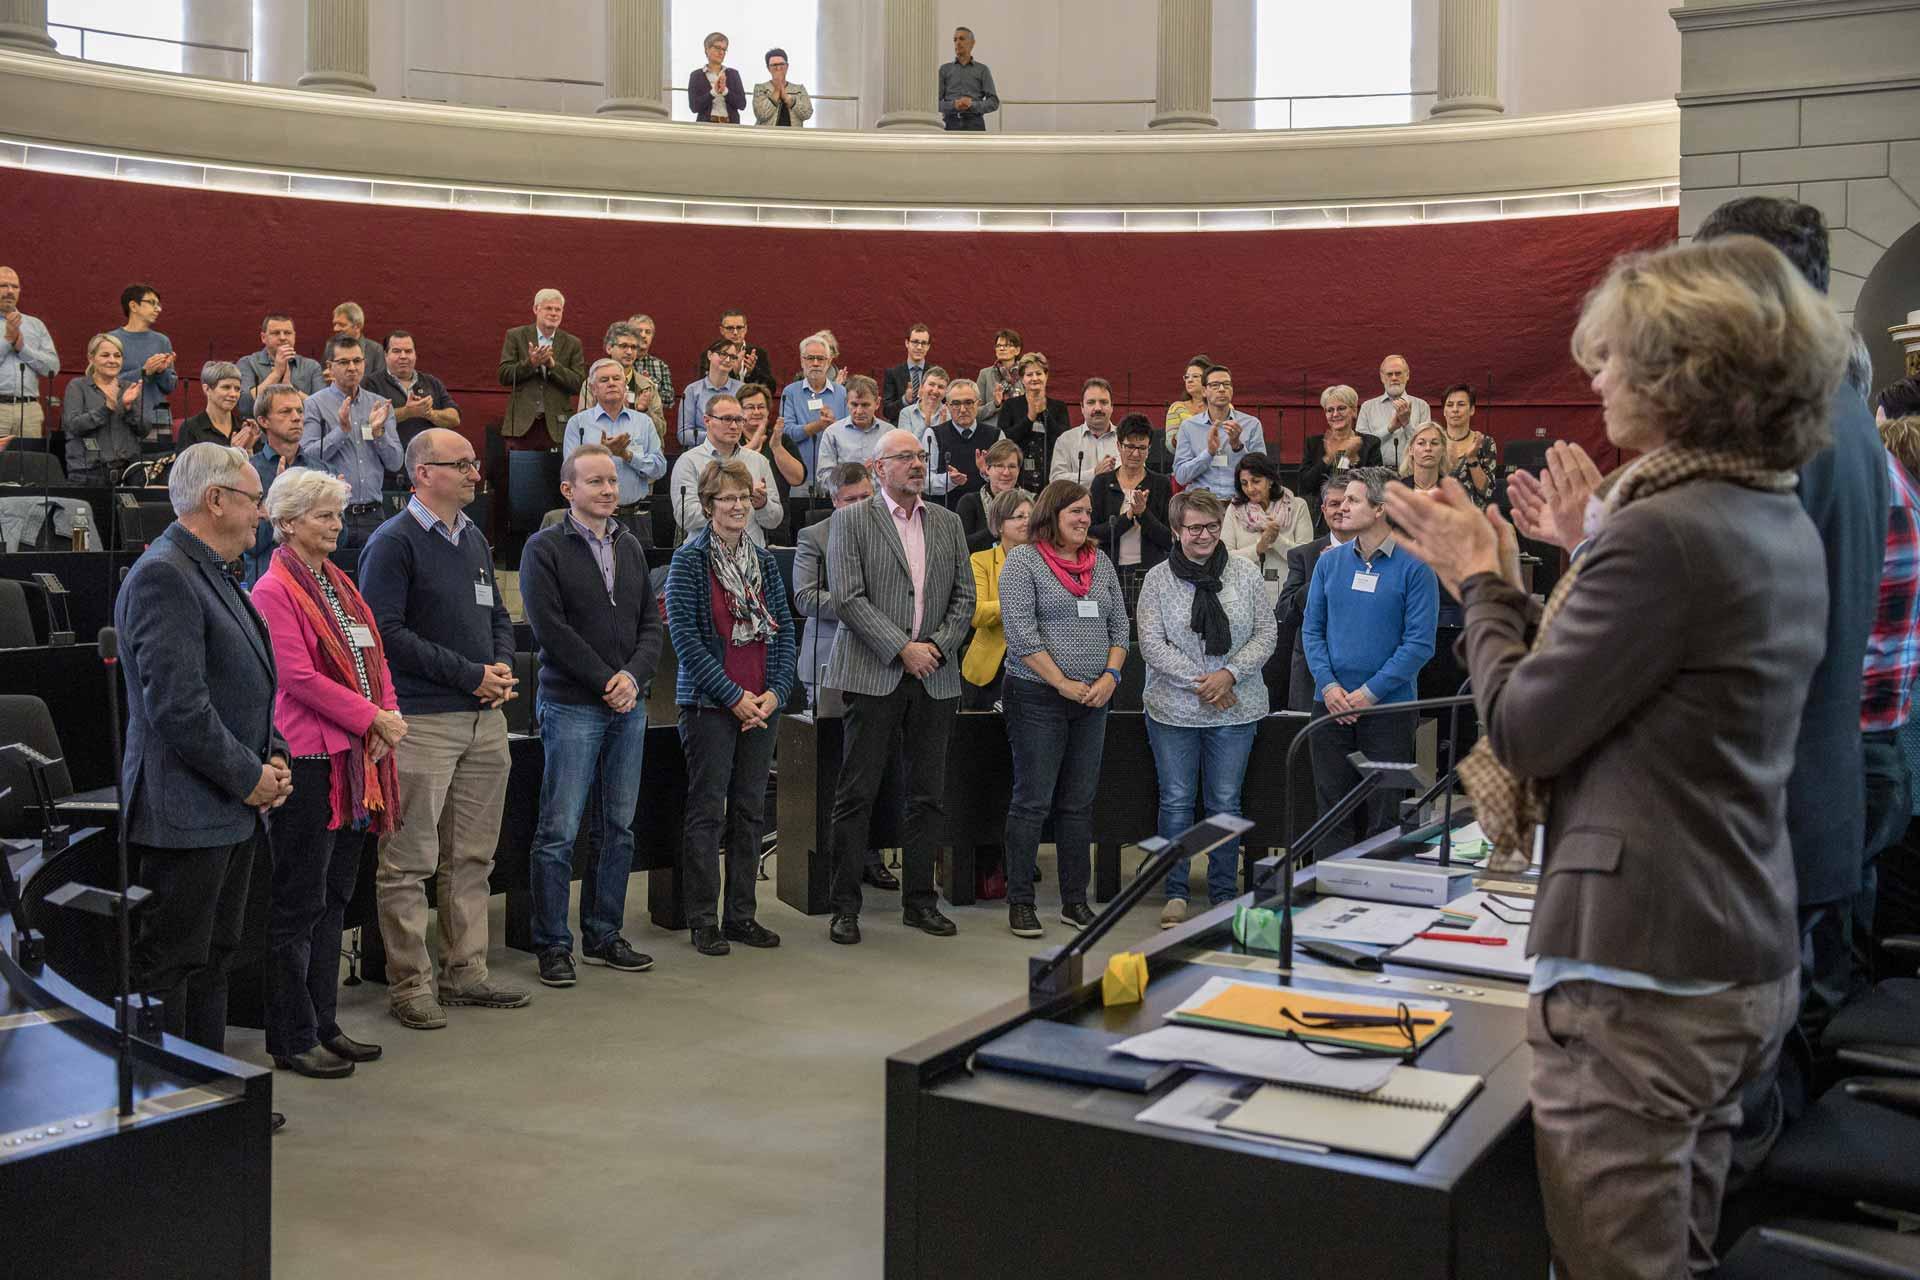 Willkommen in der Synode: Parlament und Synodalrat applaudieren den neuen Synodalen, die zu Beginn der Herbstsession vereidigt wurden. | © 2018  Roberto Conciatori